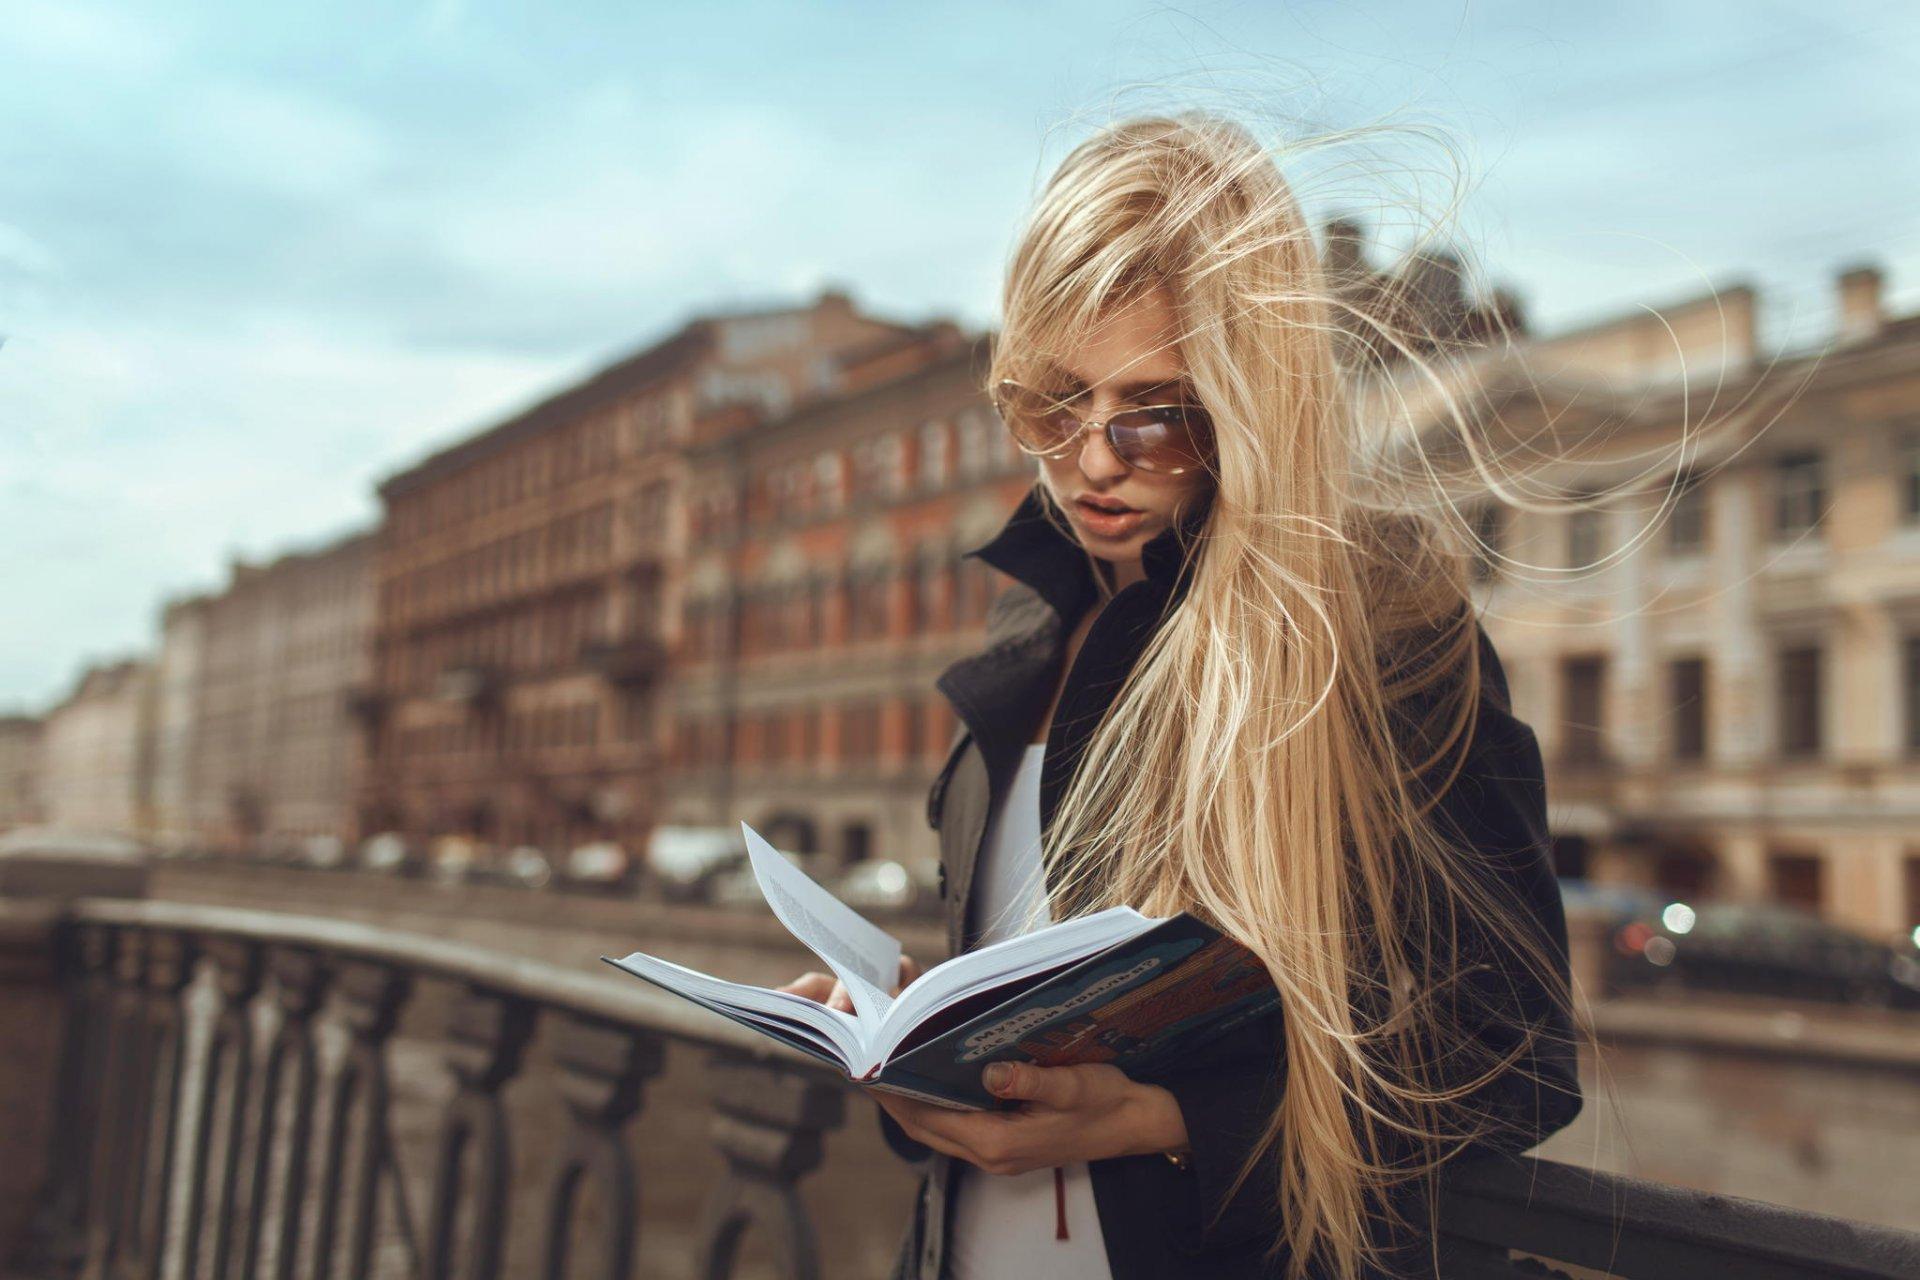 отсутствия фото блондинки в москве красивые нормальных тогда